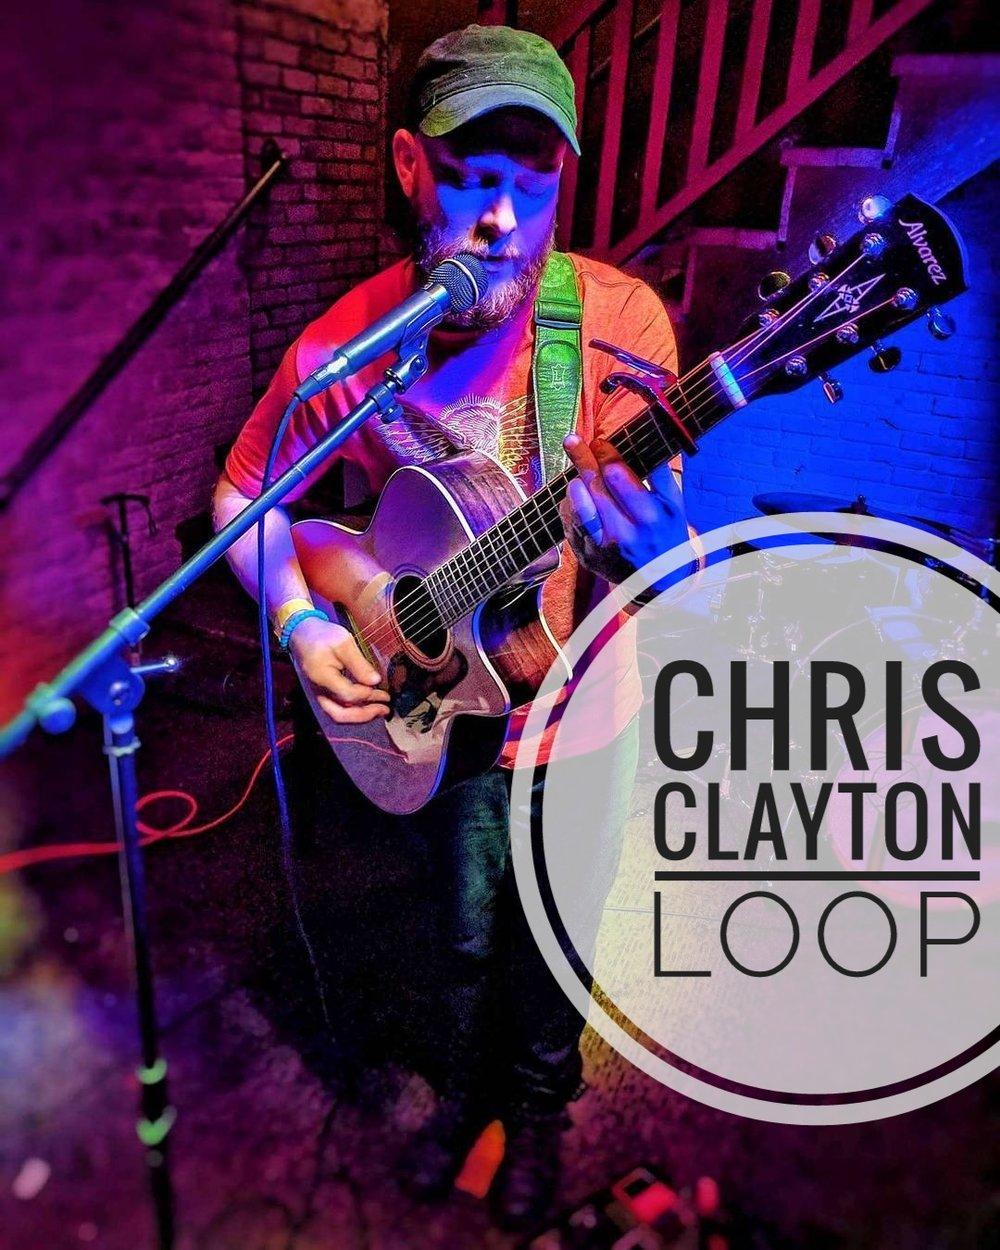 Copy of Chris Clayton Loop